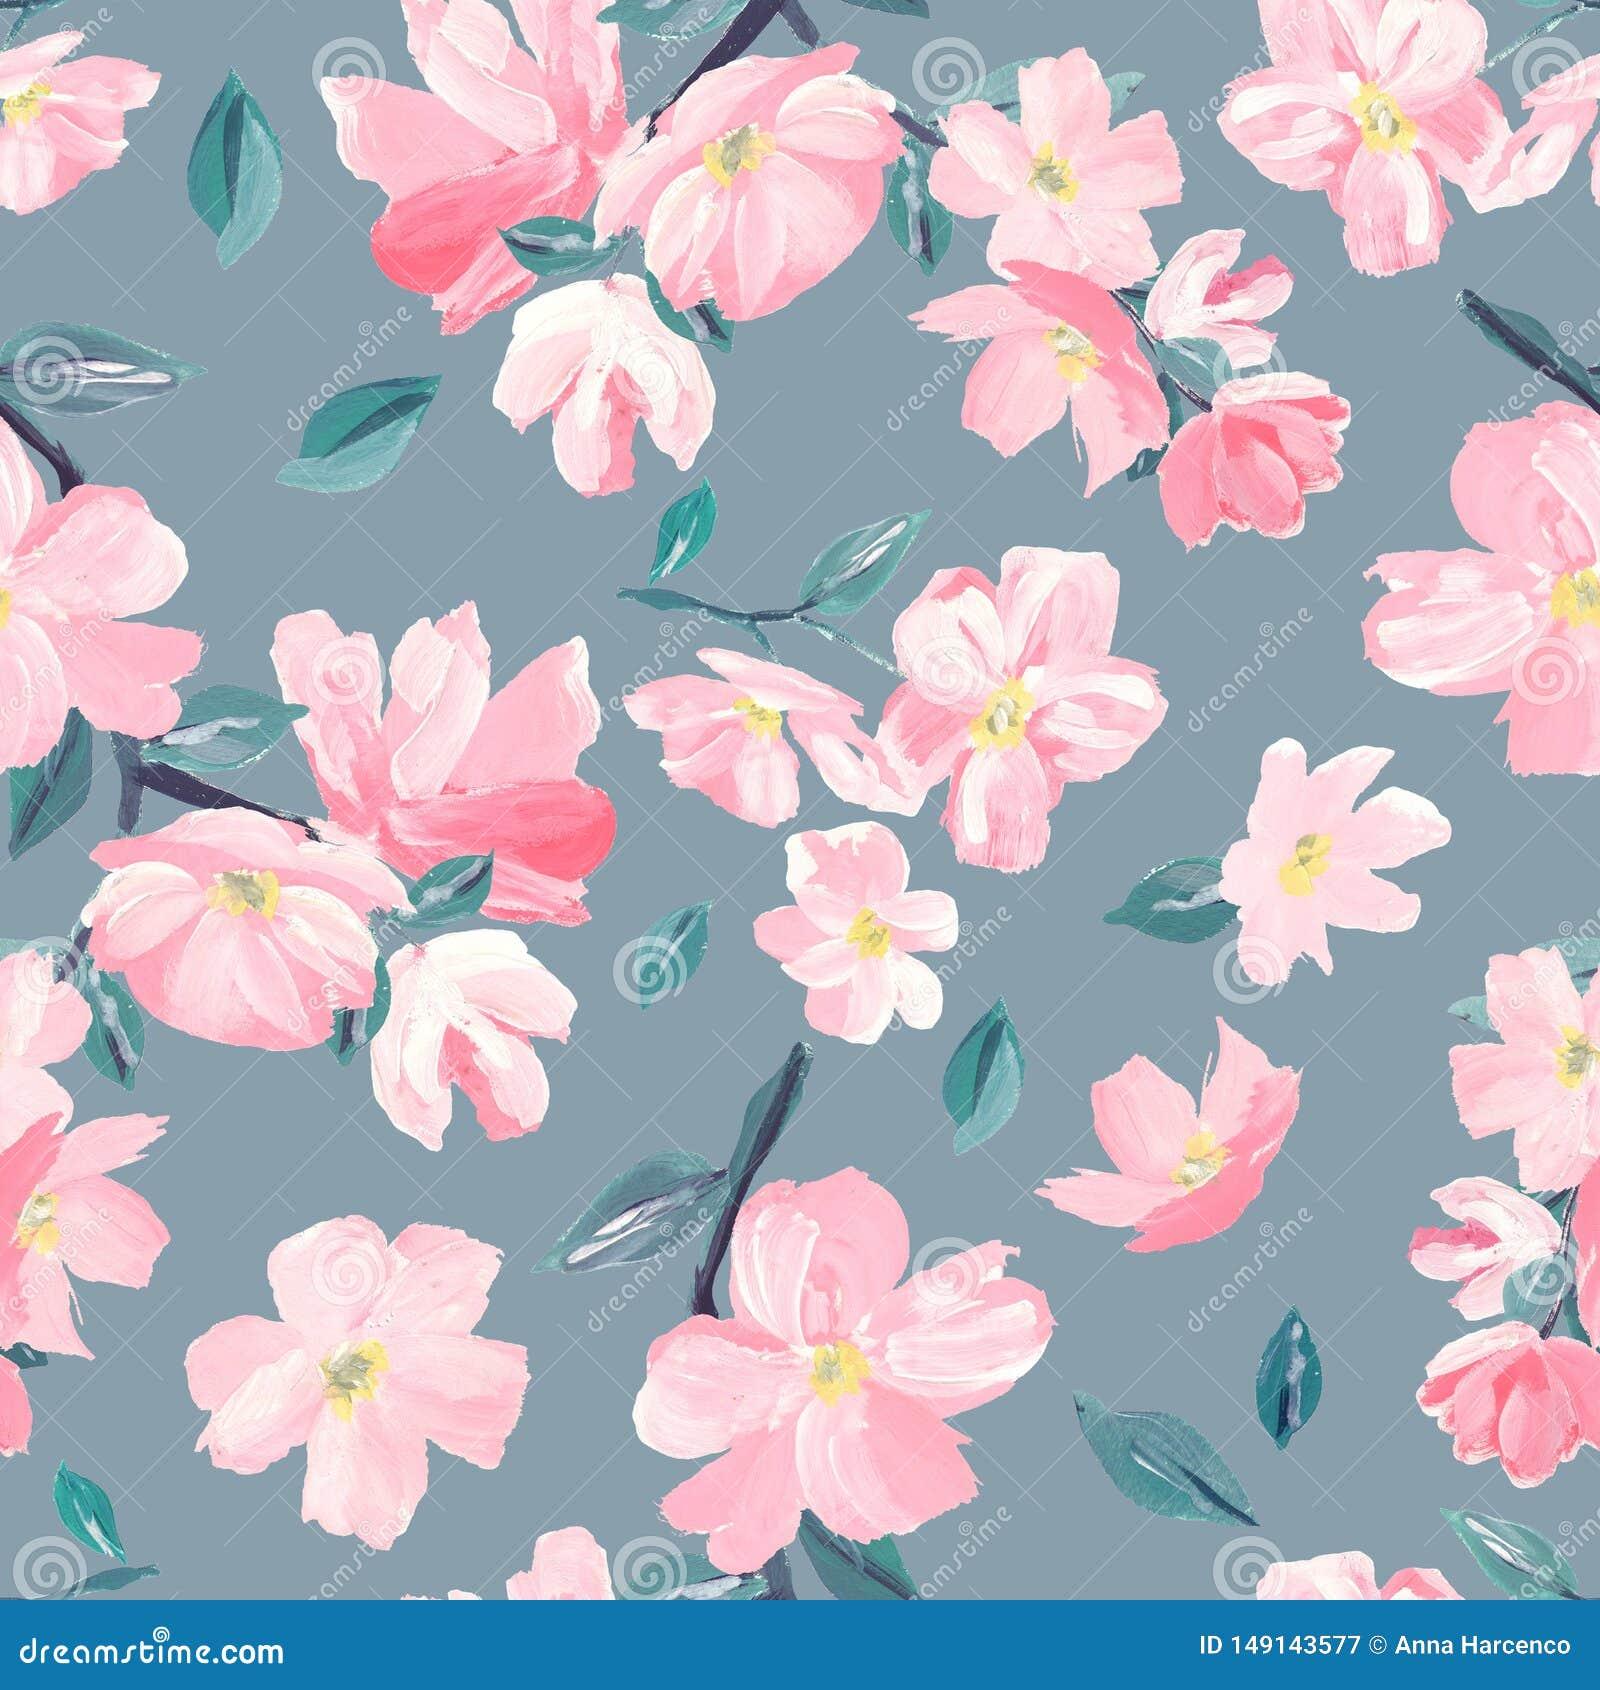 Naadloos patroon als achtergrond van roze Sakura-bloesem of Japanse bloeiende kers symbolisch van de Lente geschikt voor textiel,